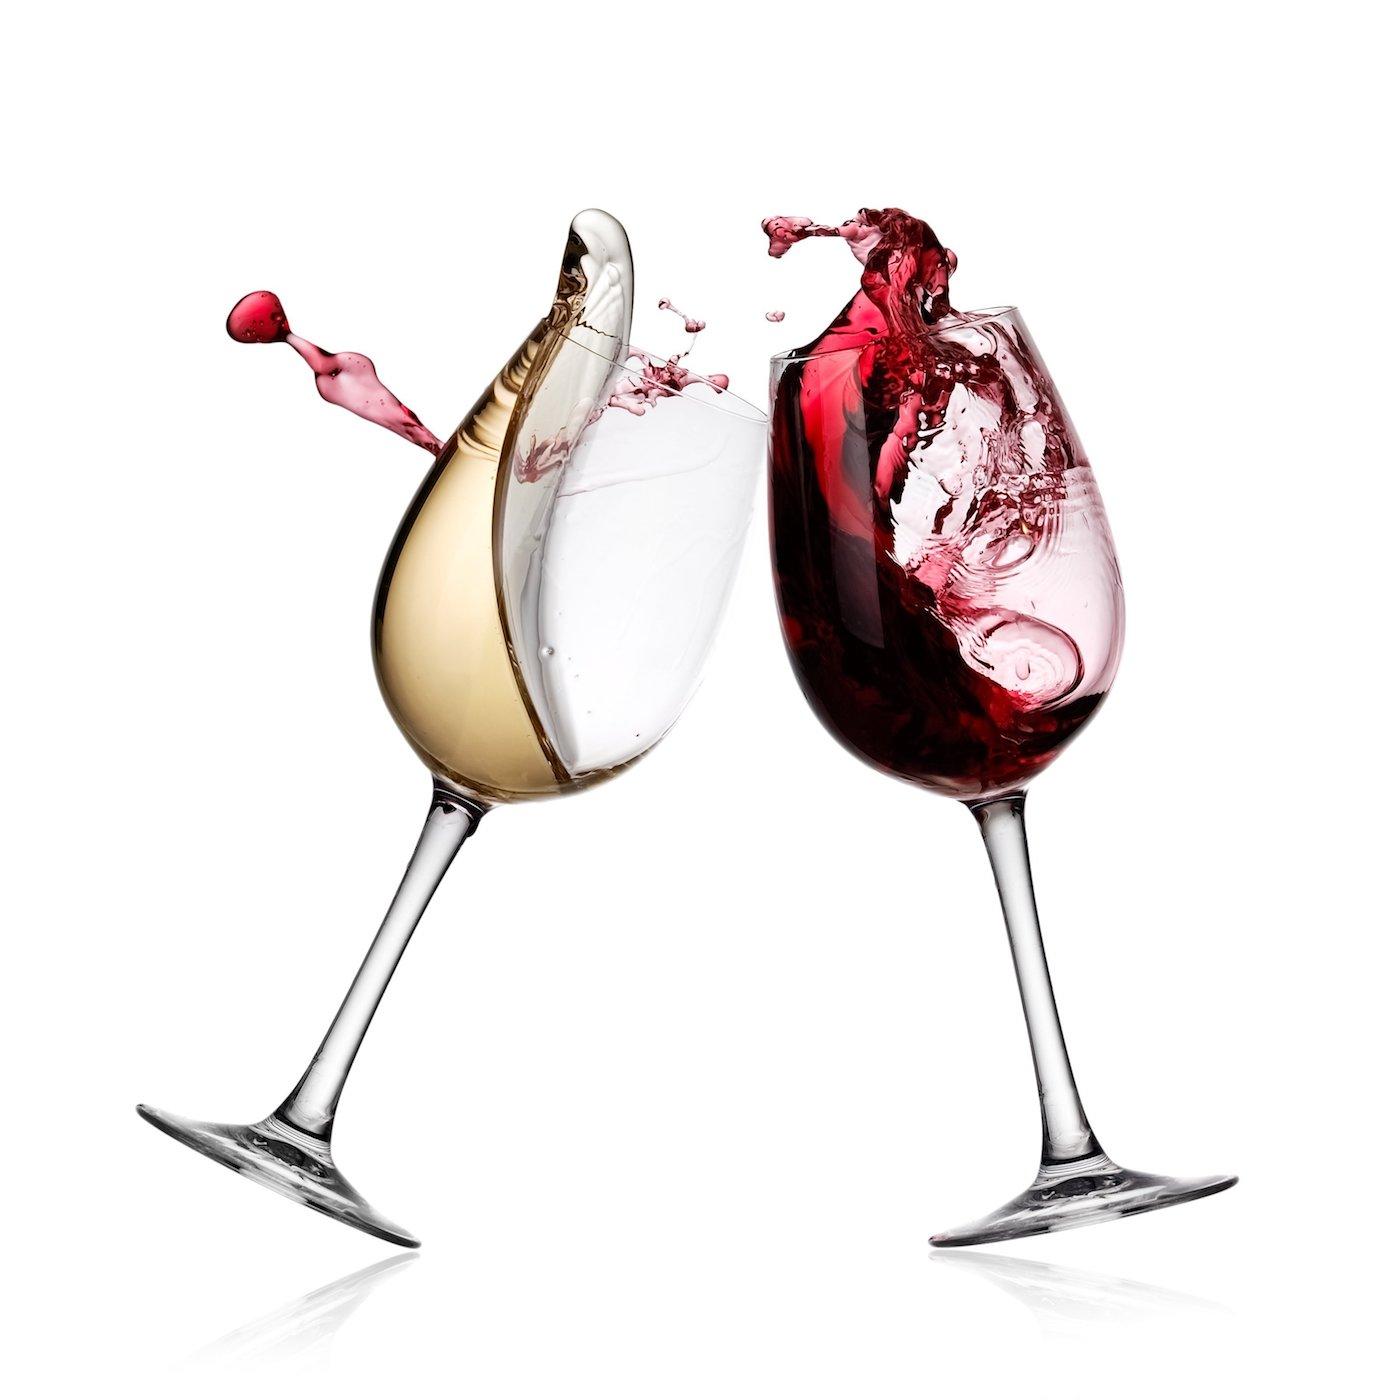 dpm_wine2